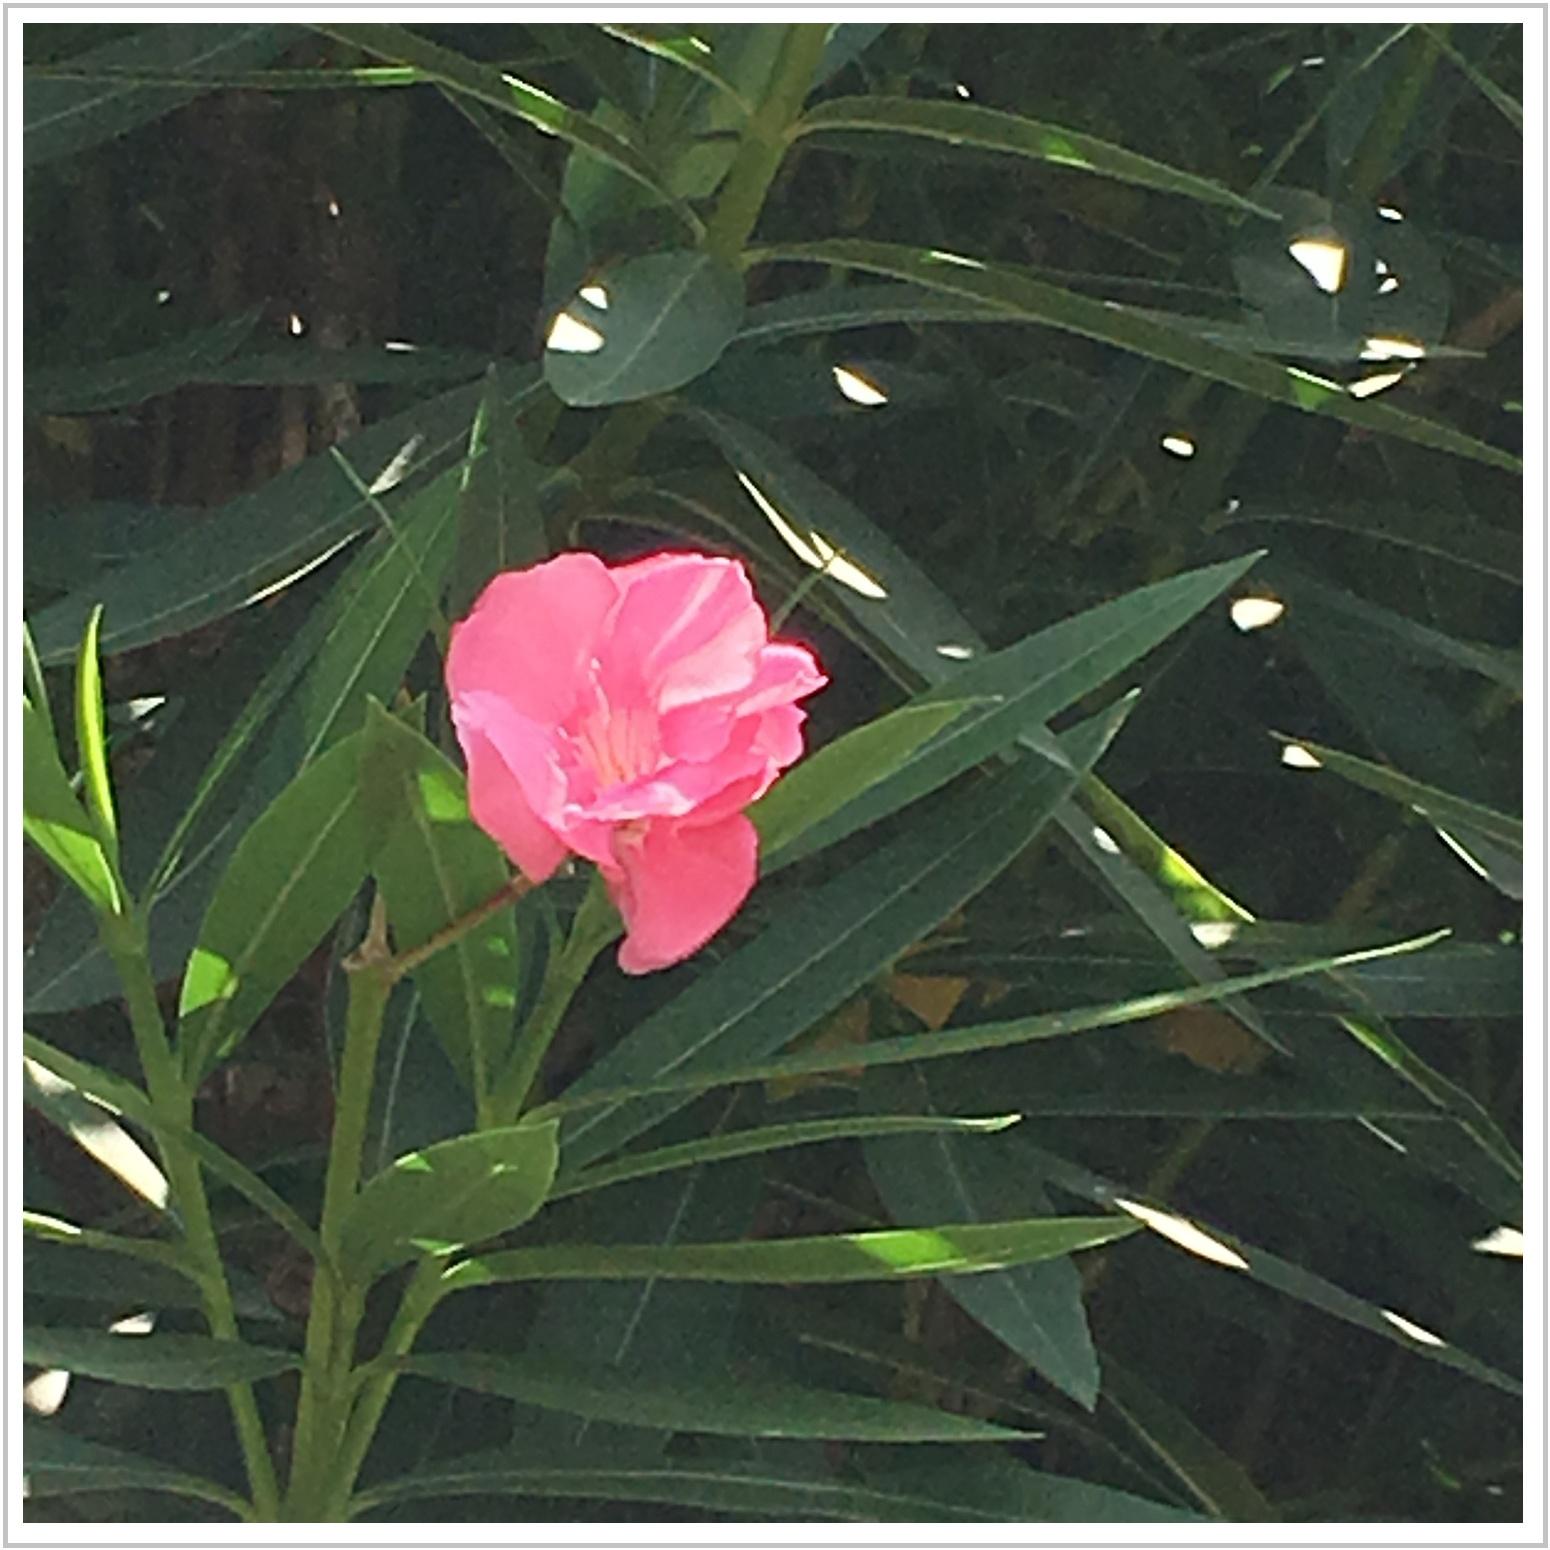 nagoya_15_805.jpg